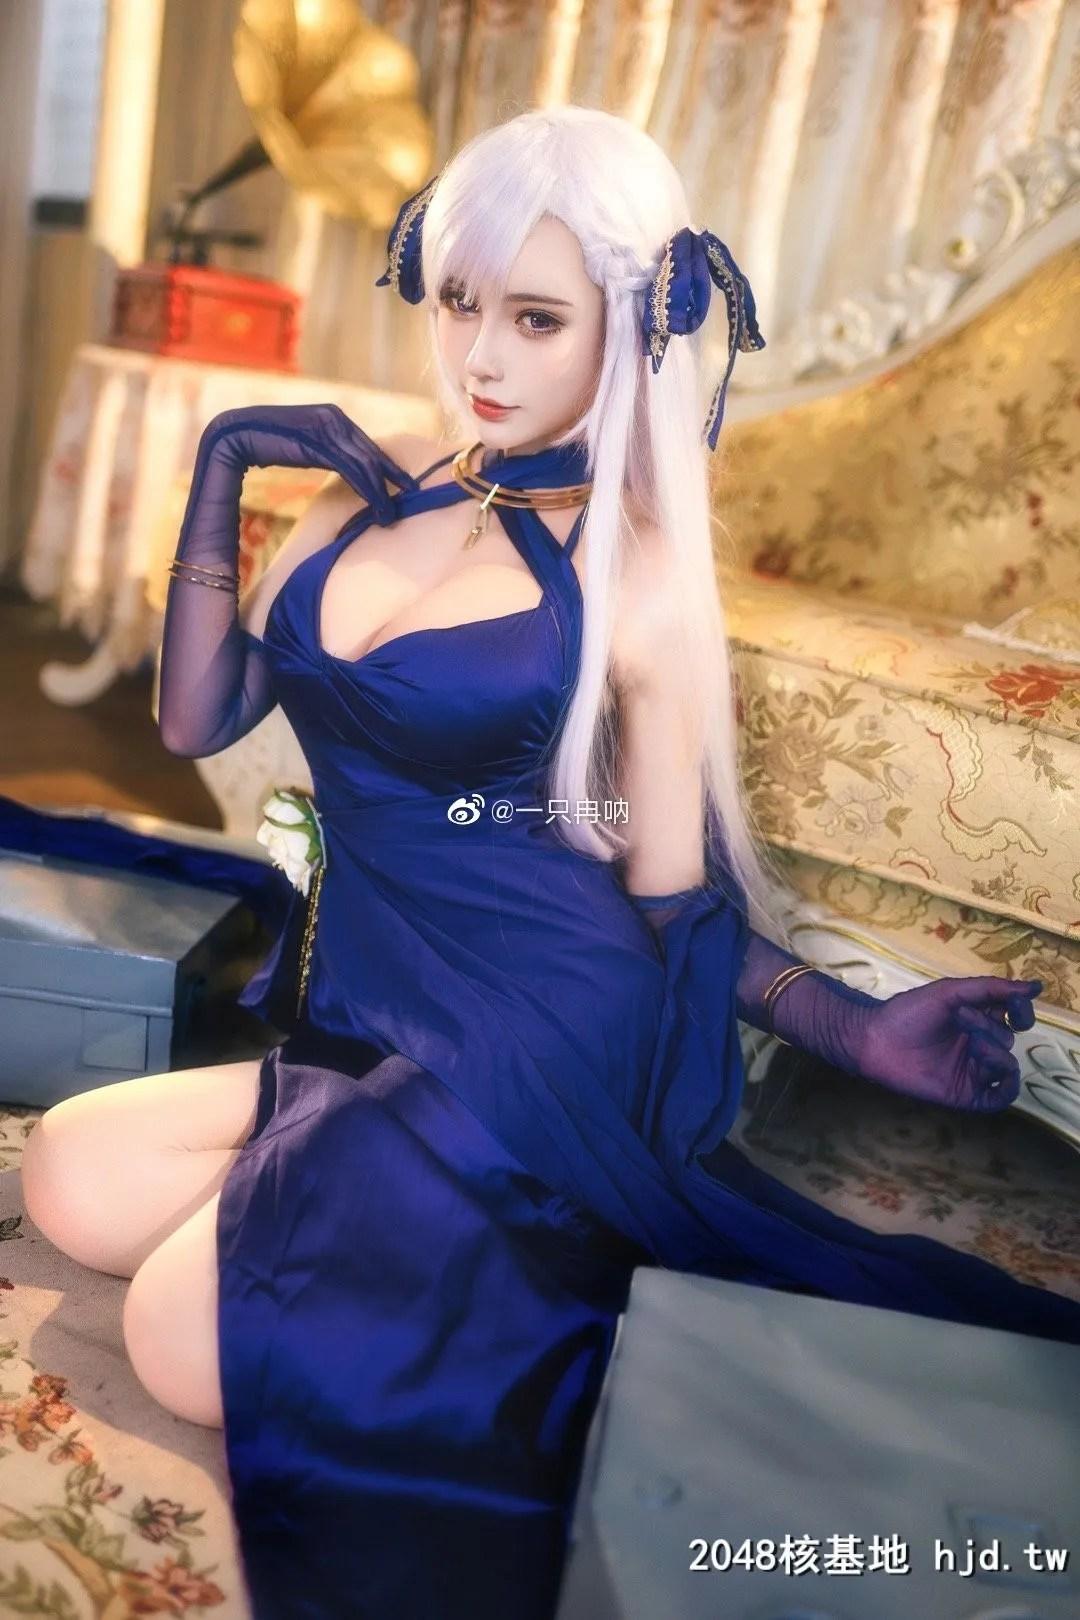 碧蓝航线贝尔法斯特@一只冉呐 (9P)插图(3)